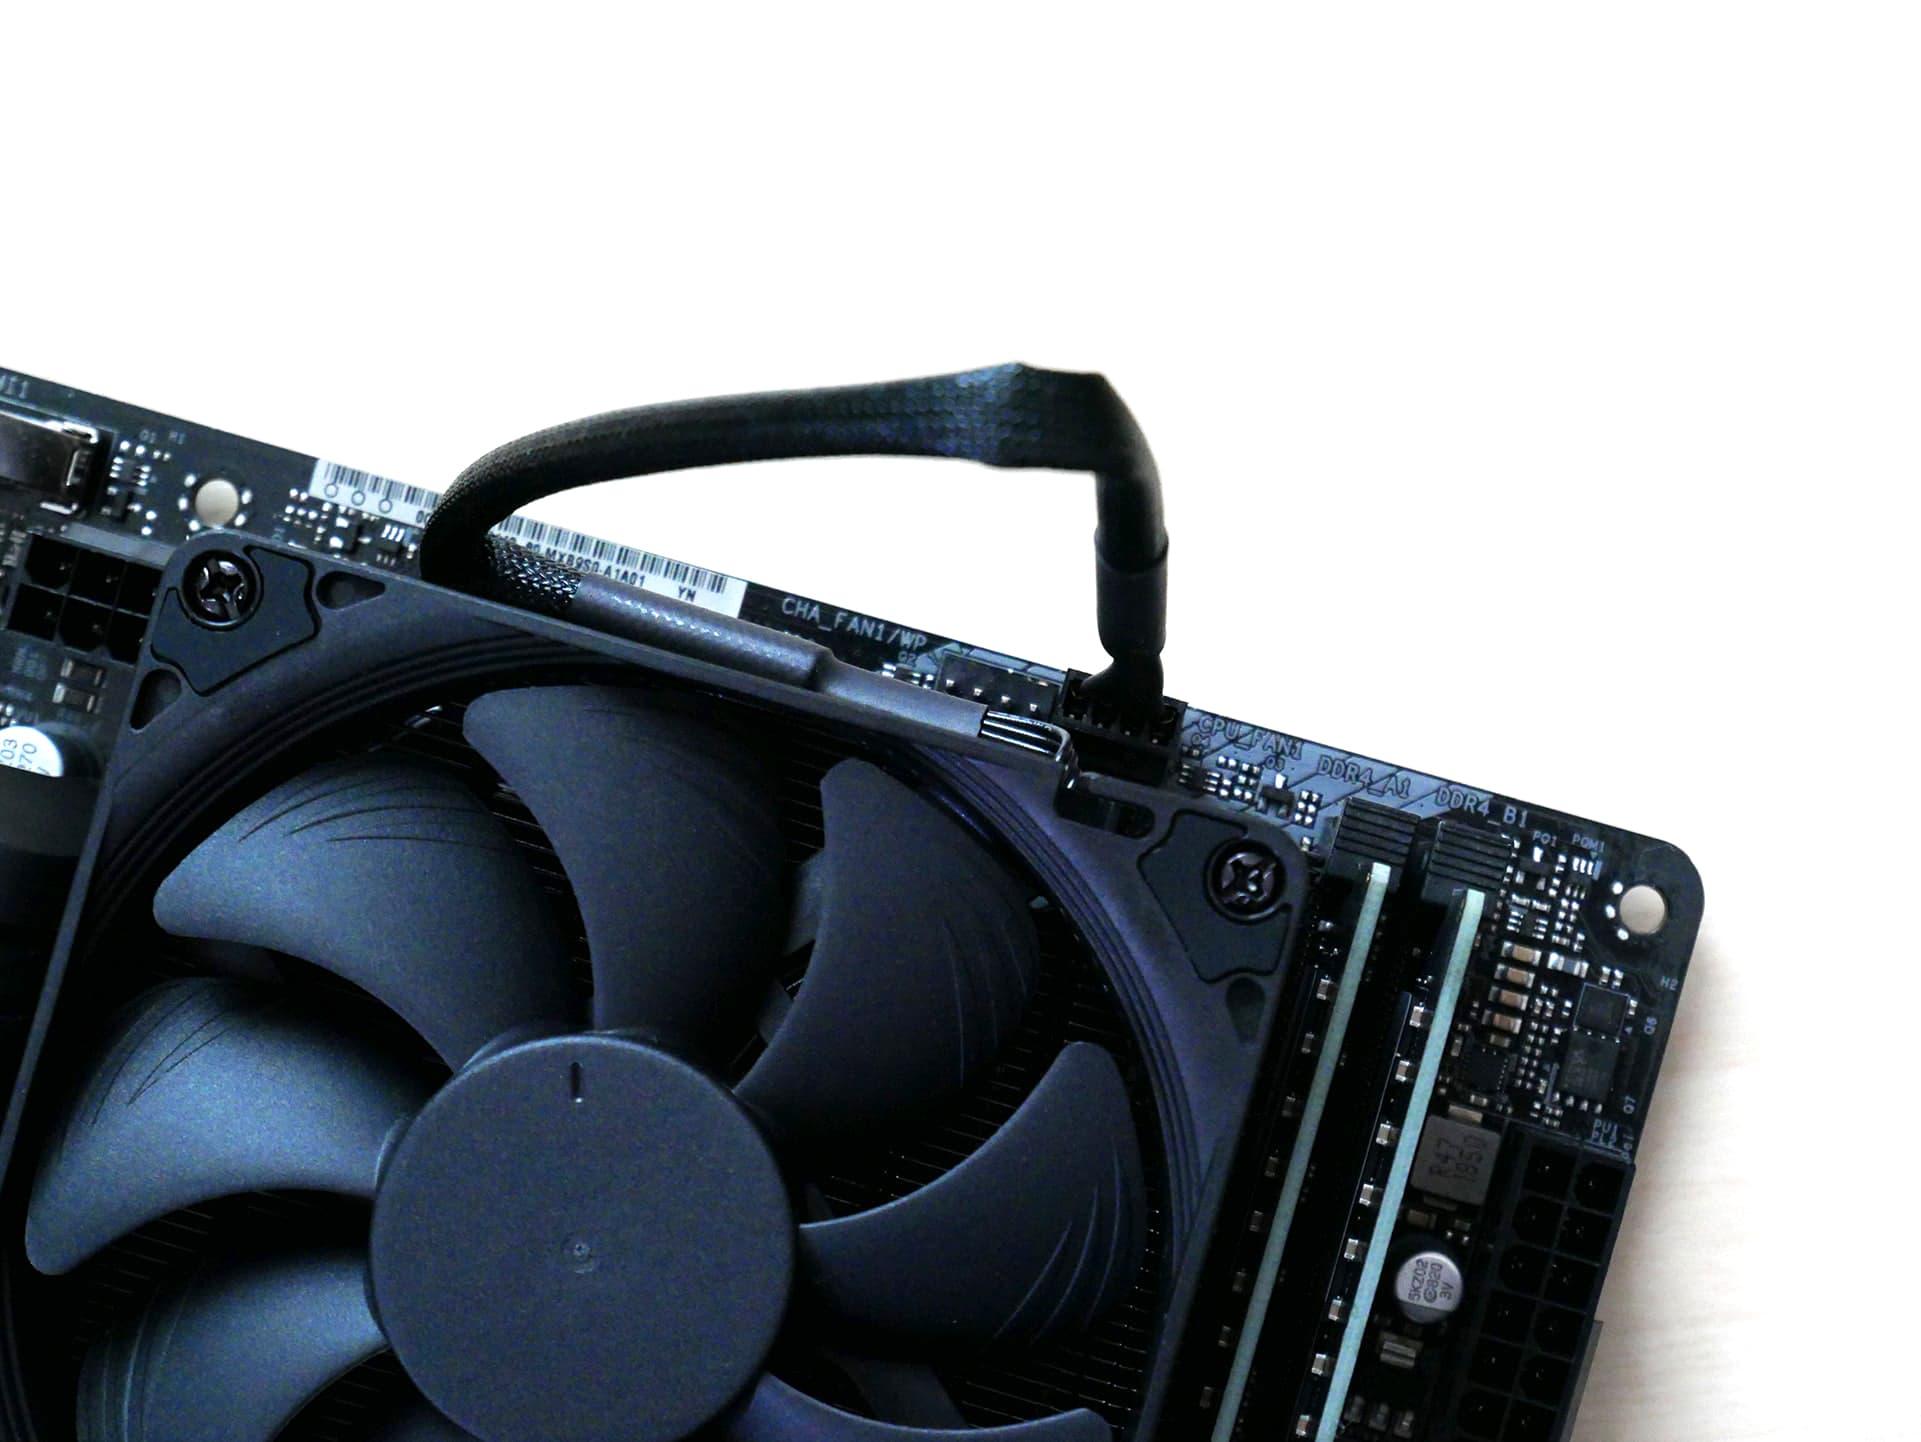 CPUファンのケーブルをマザーボードに接続